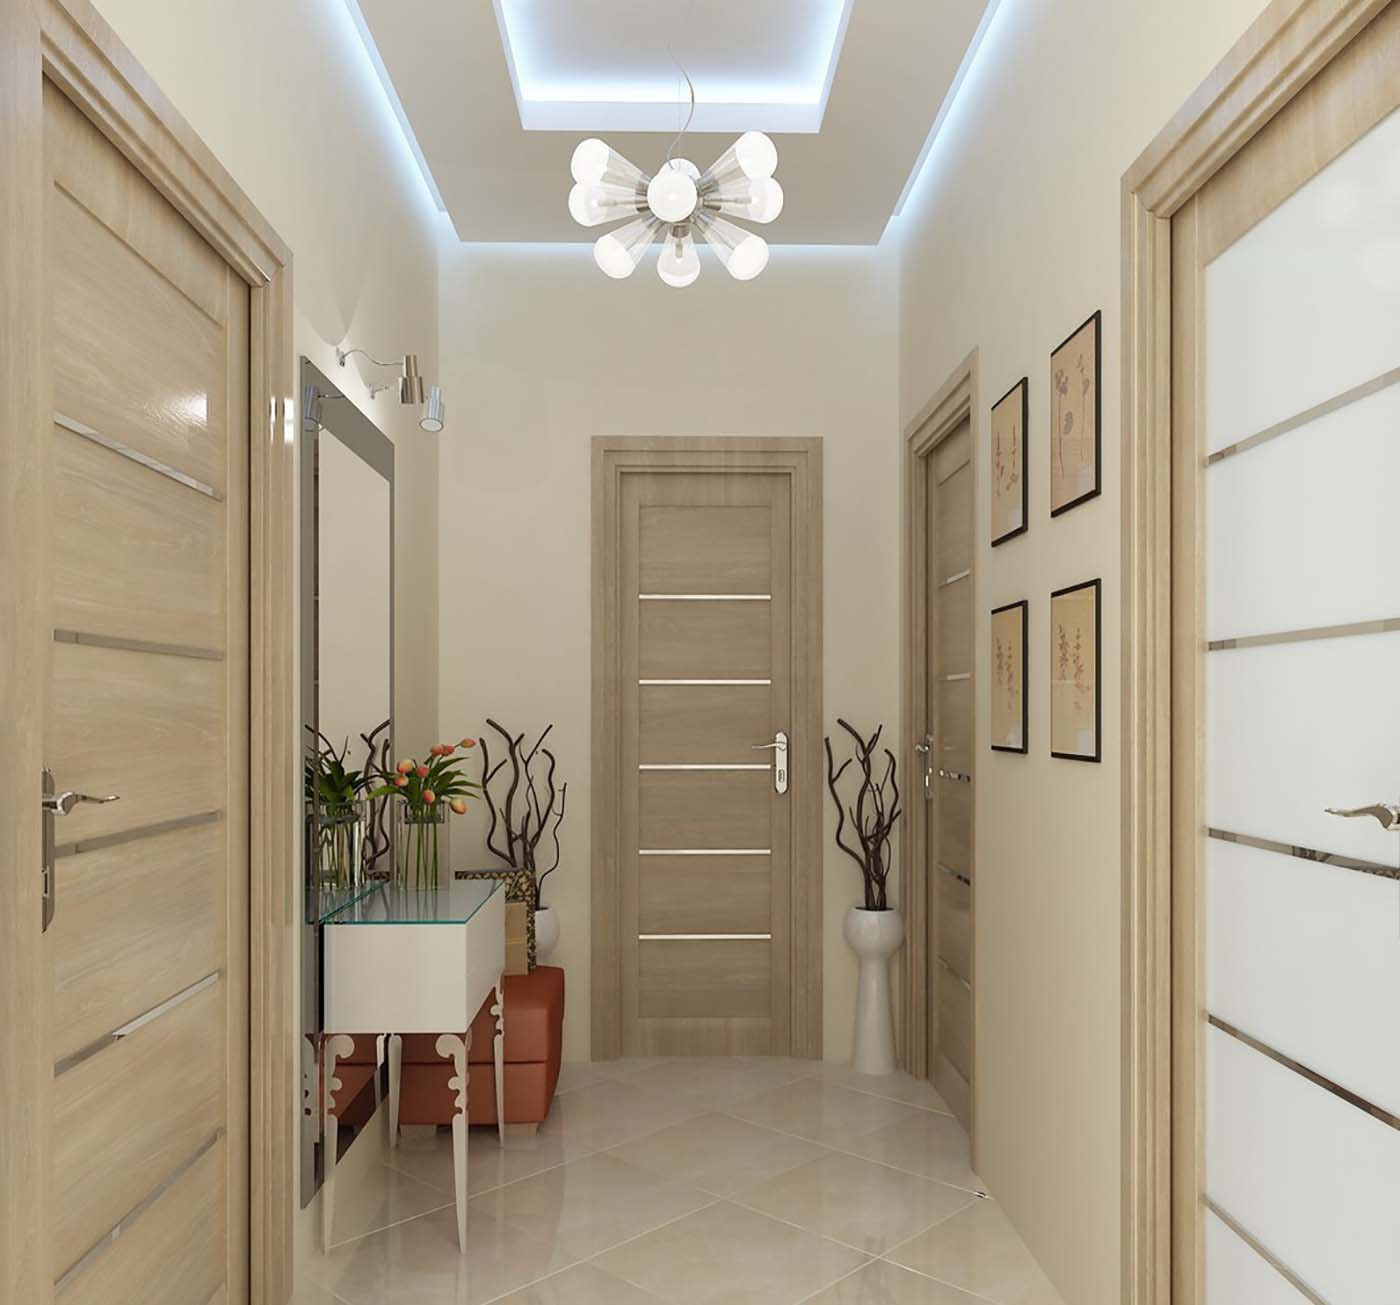 прихожая комната с кирпичным декором и матовой стенкой